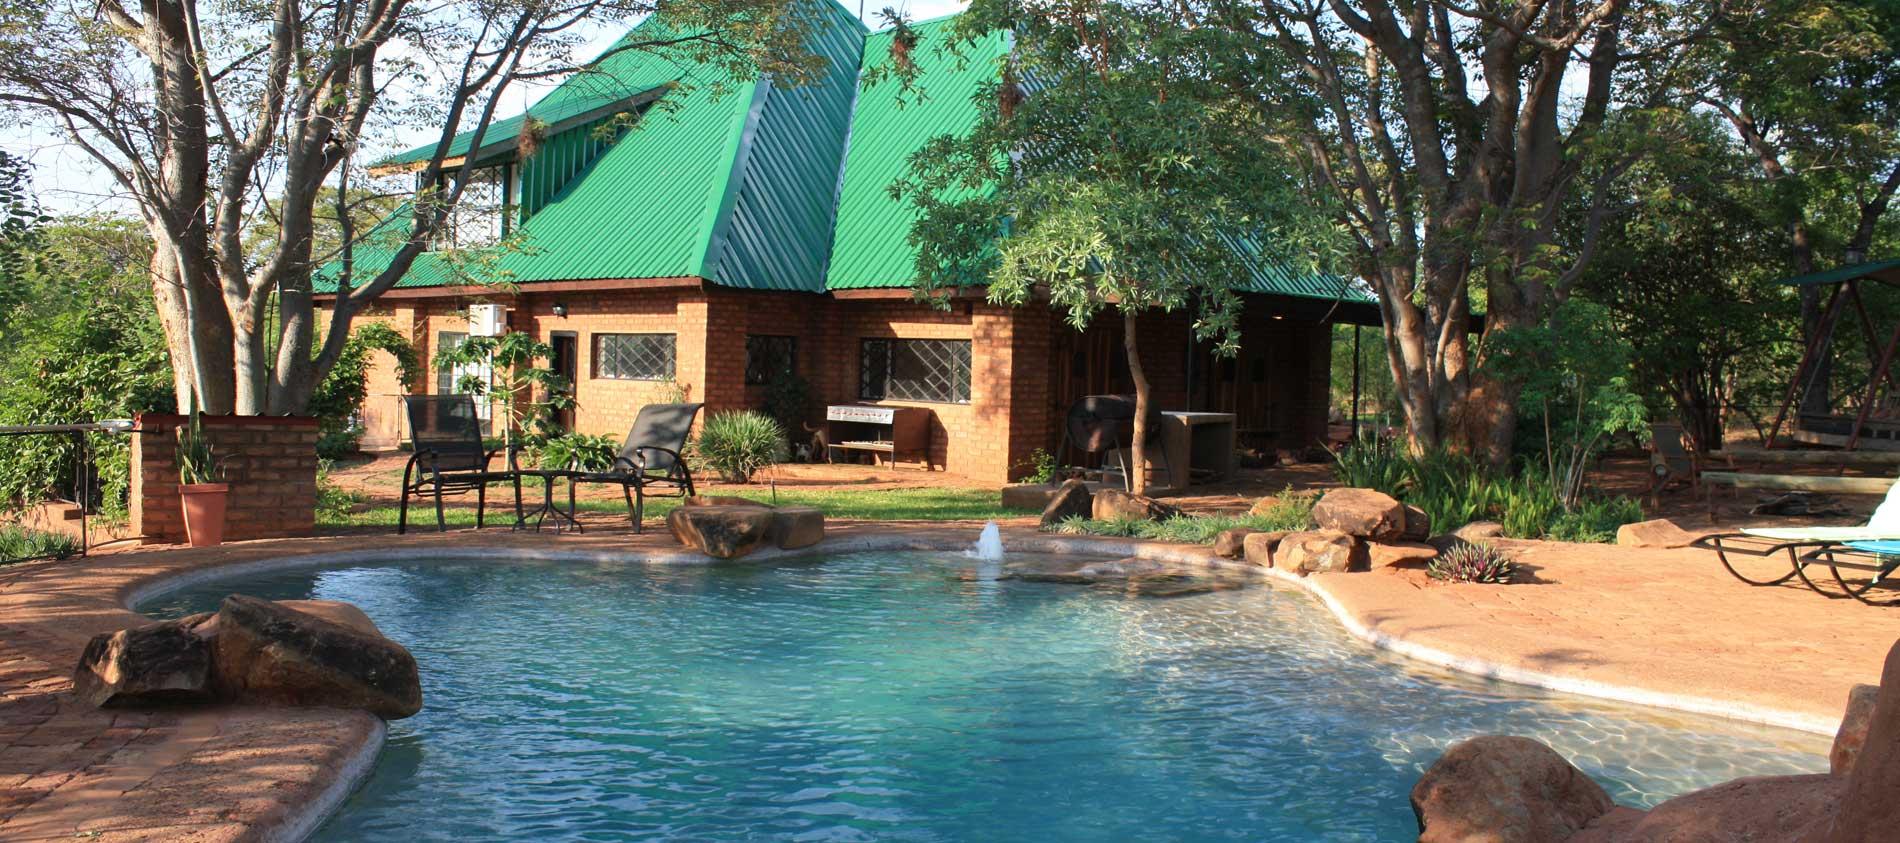 bongwe-livingstone-accommodation-header